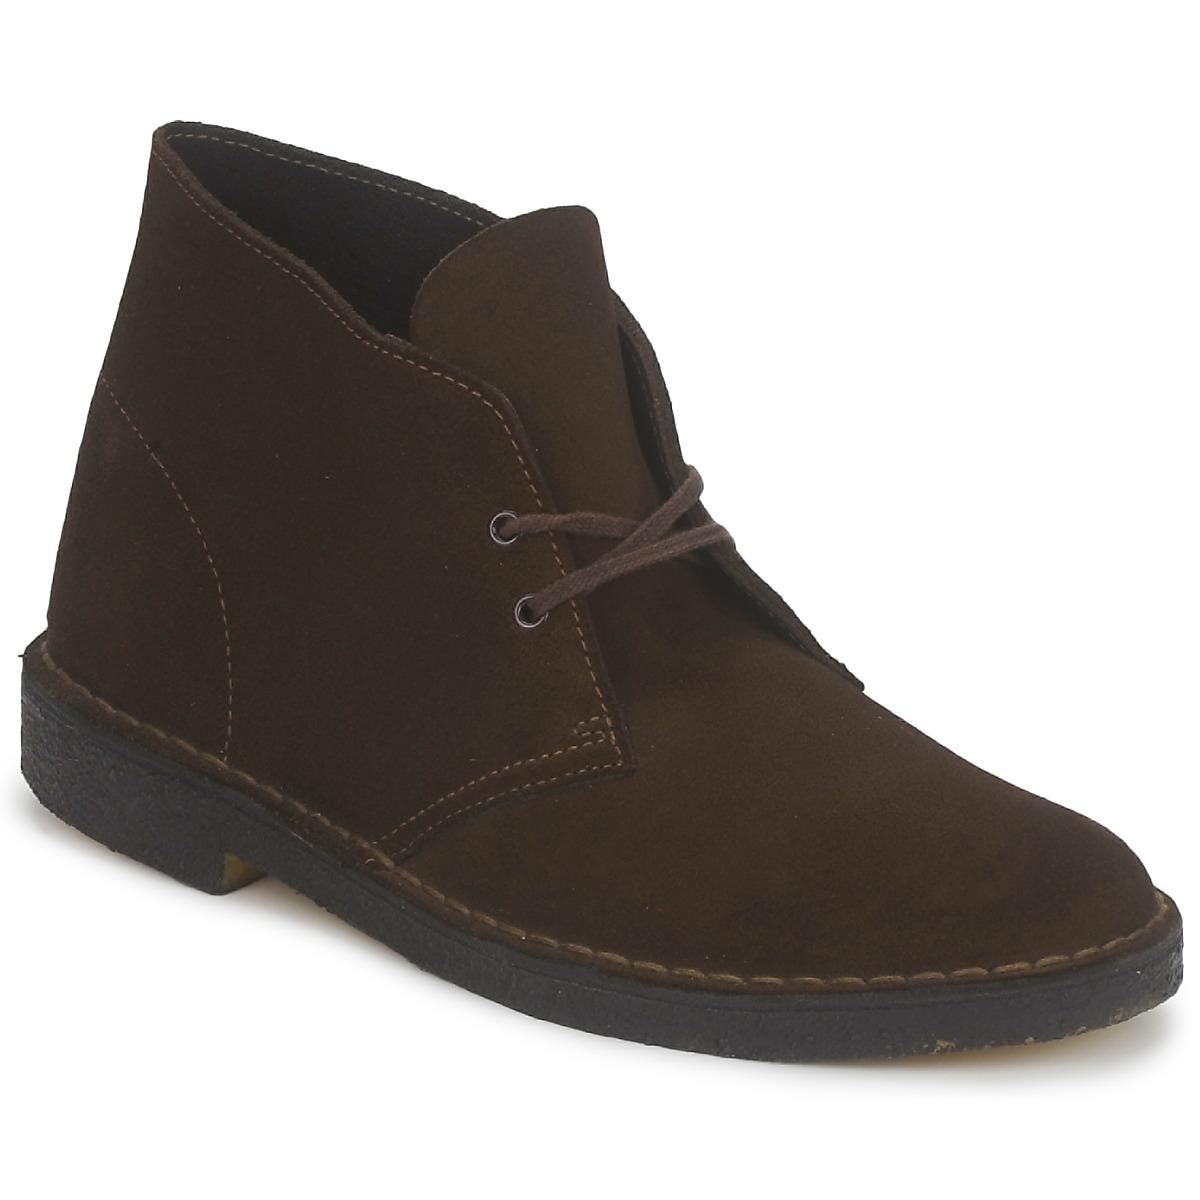 ca39707b84641 CLARKS - Chaussures, Sacs, Vetements CLARKS - Livraison Gratuite ...